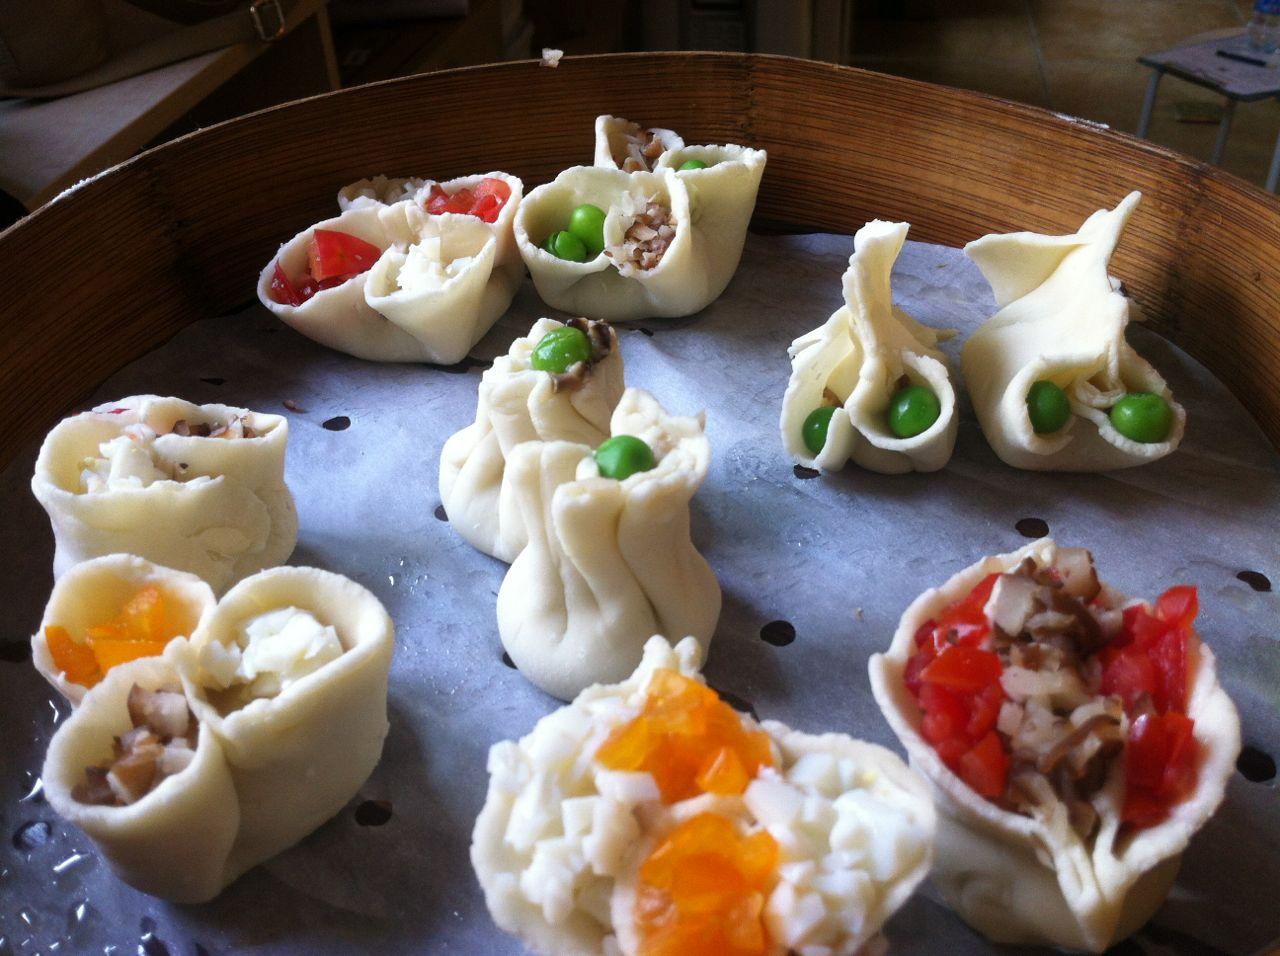 My dumplings!